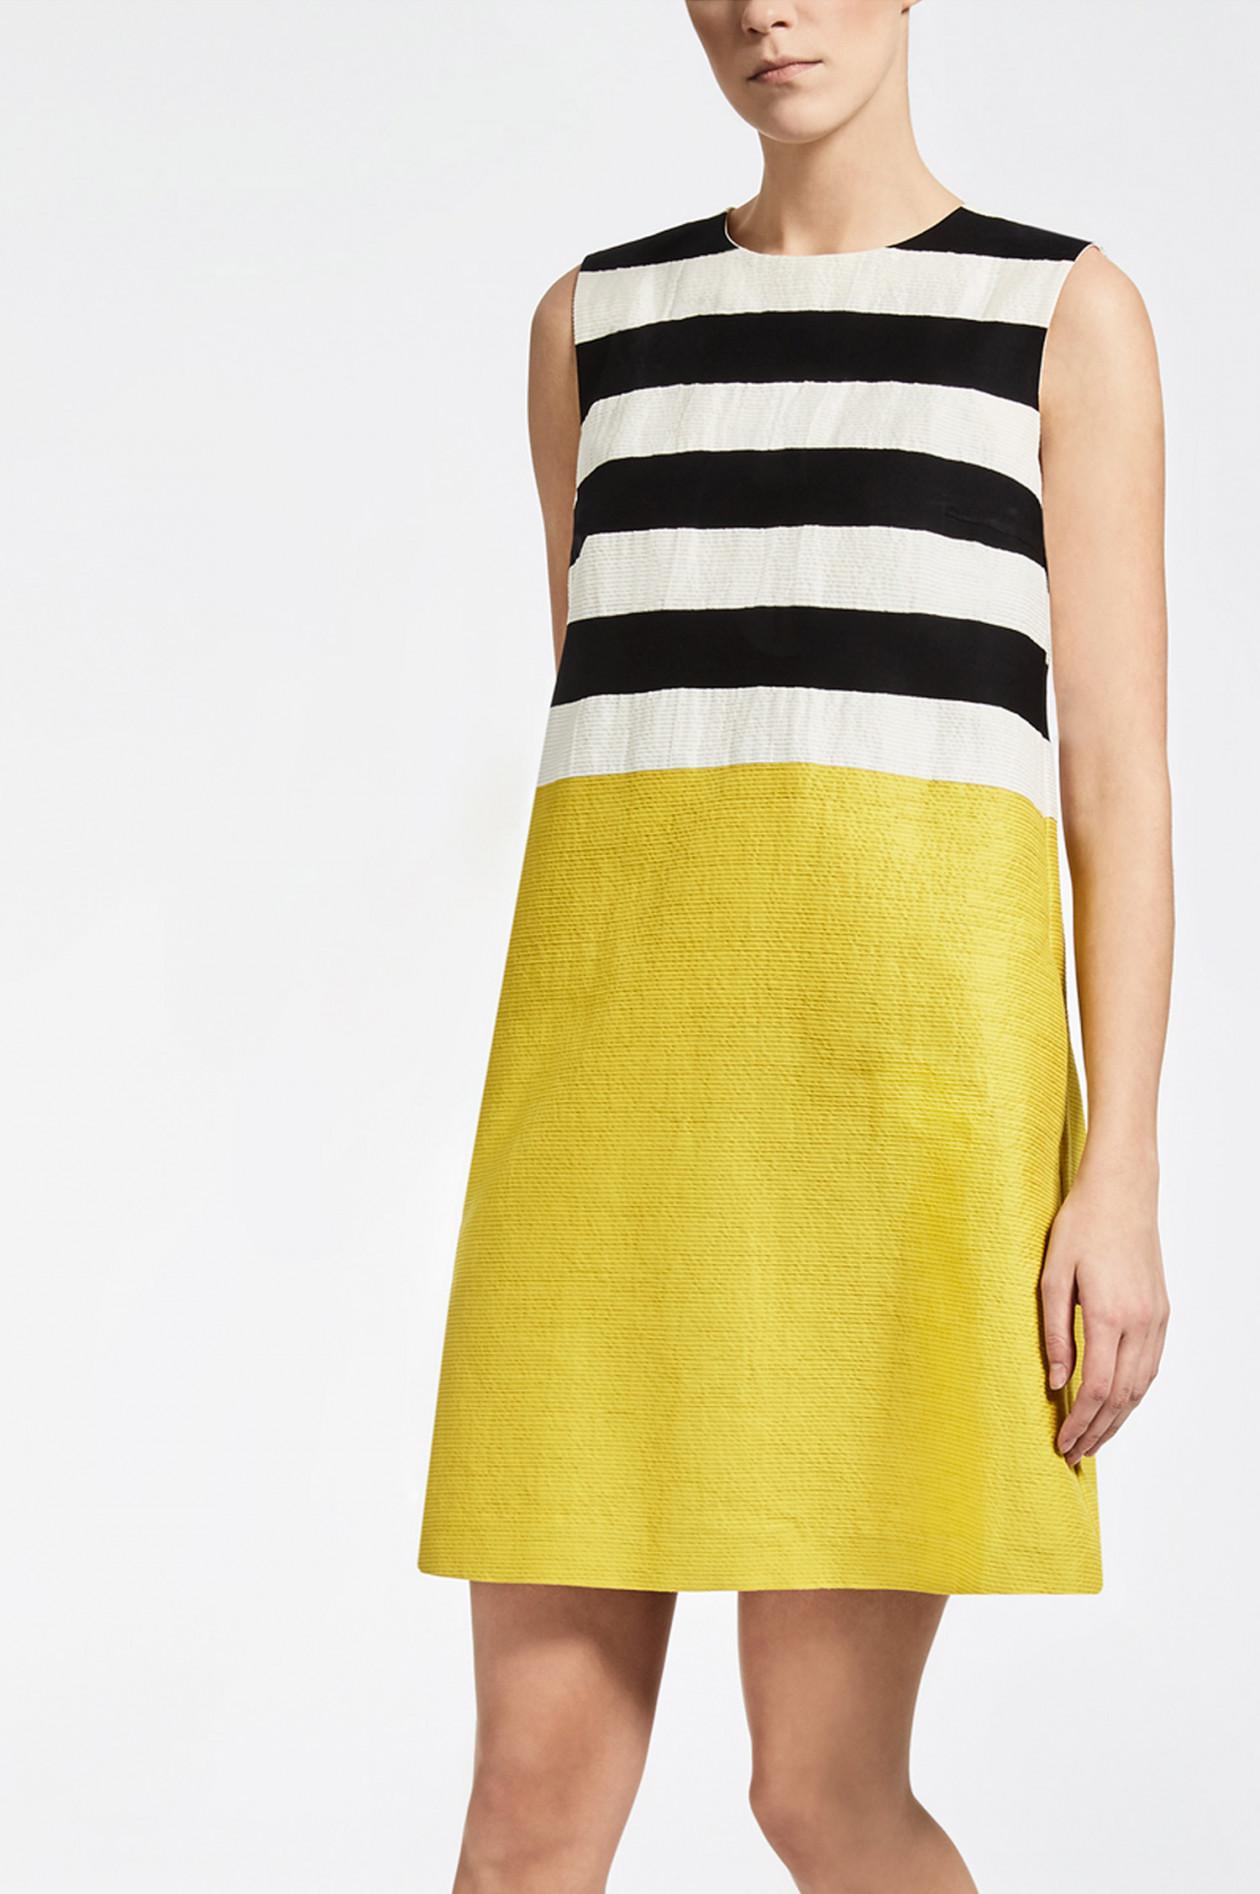 buy popular 5eda1 1f962 Kleid in Gelb/Schwarz/Weiß gestreift